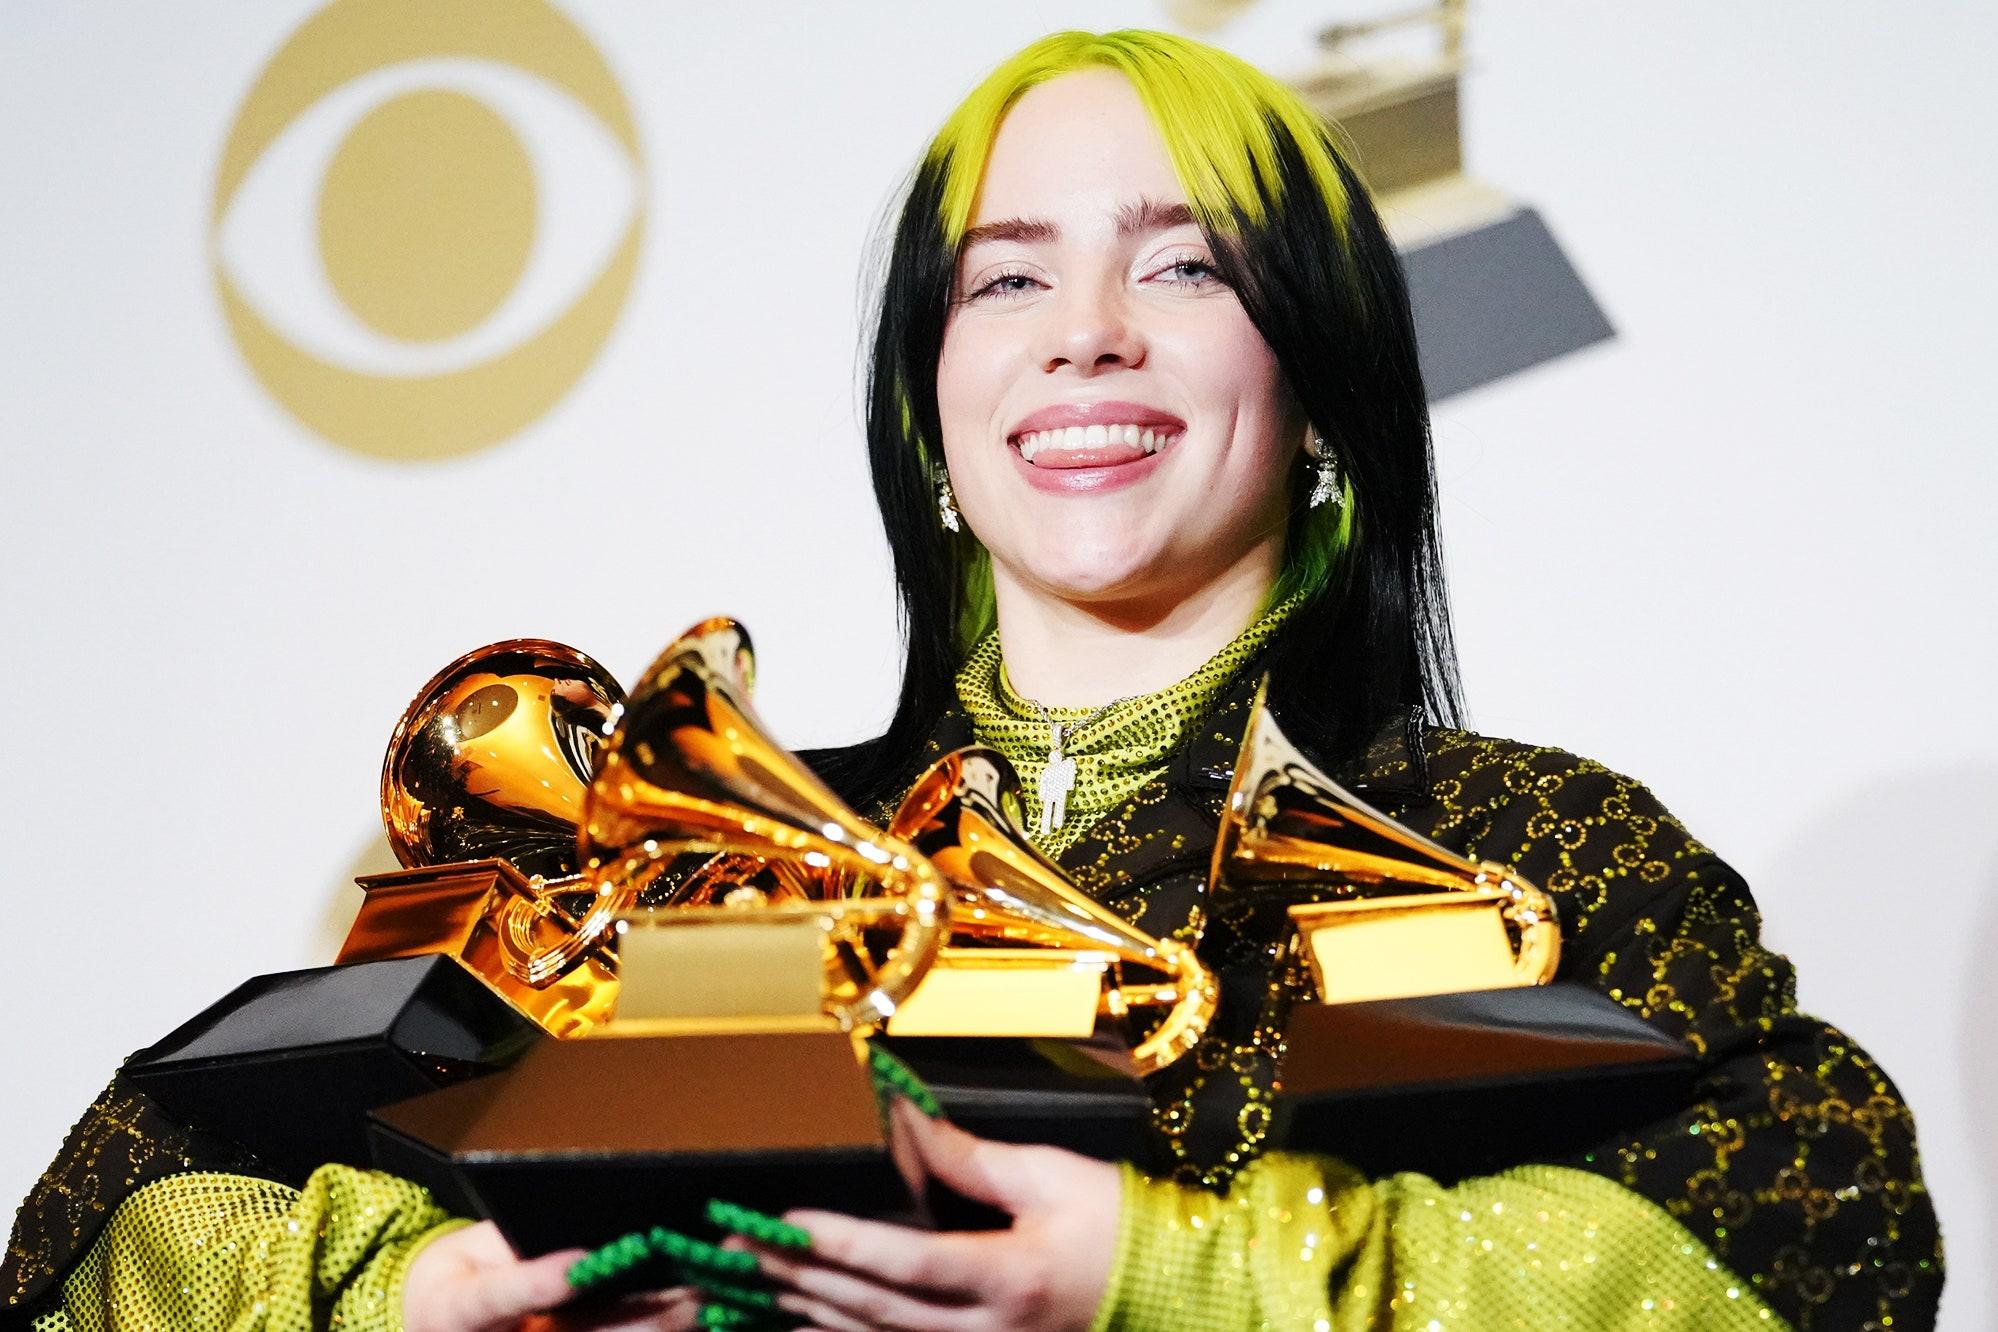 Los premios Grammy fueron suspendidos hasta nuevo aviso